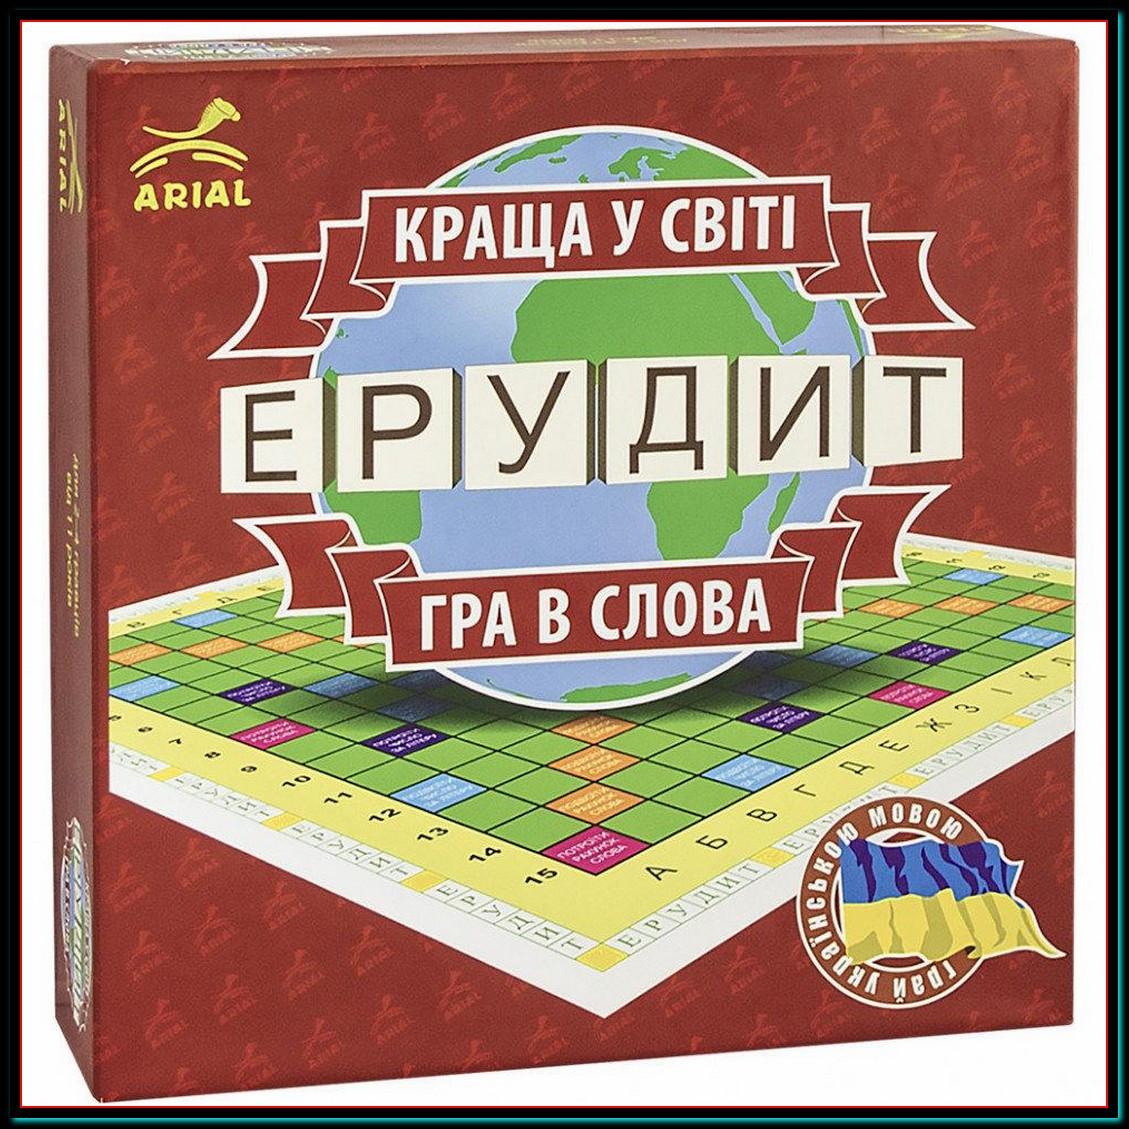 Настольная игра эрудит arial 910107 на укр.языке